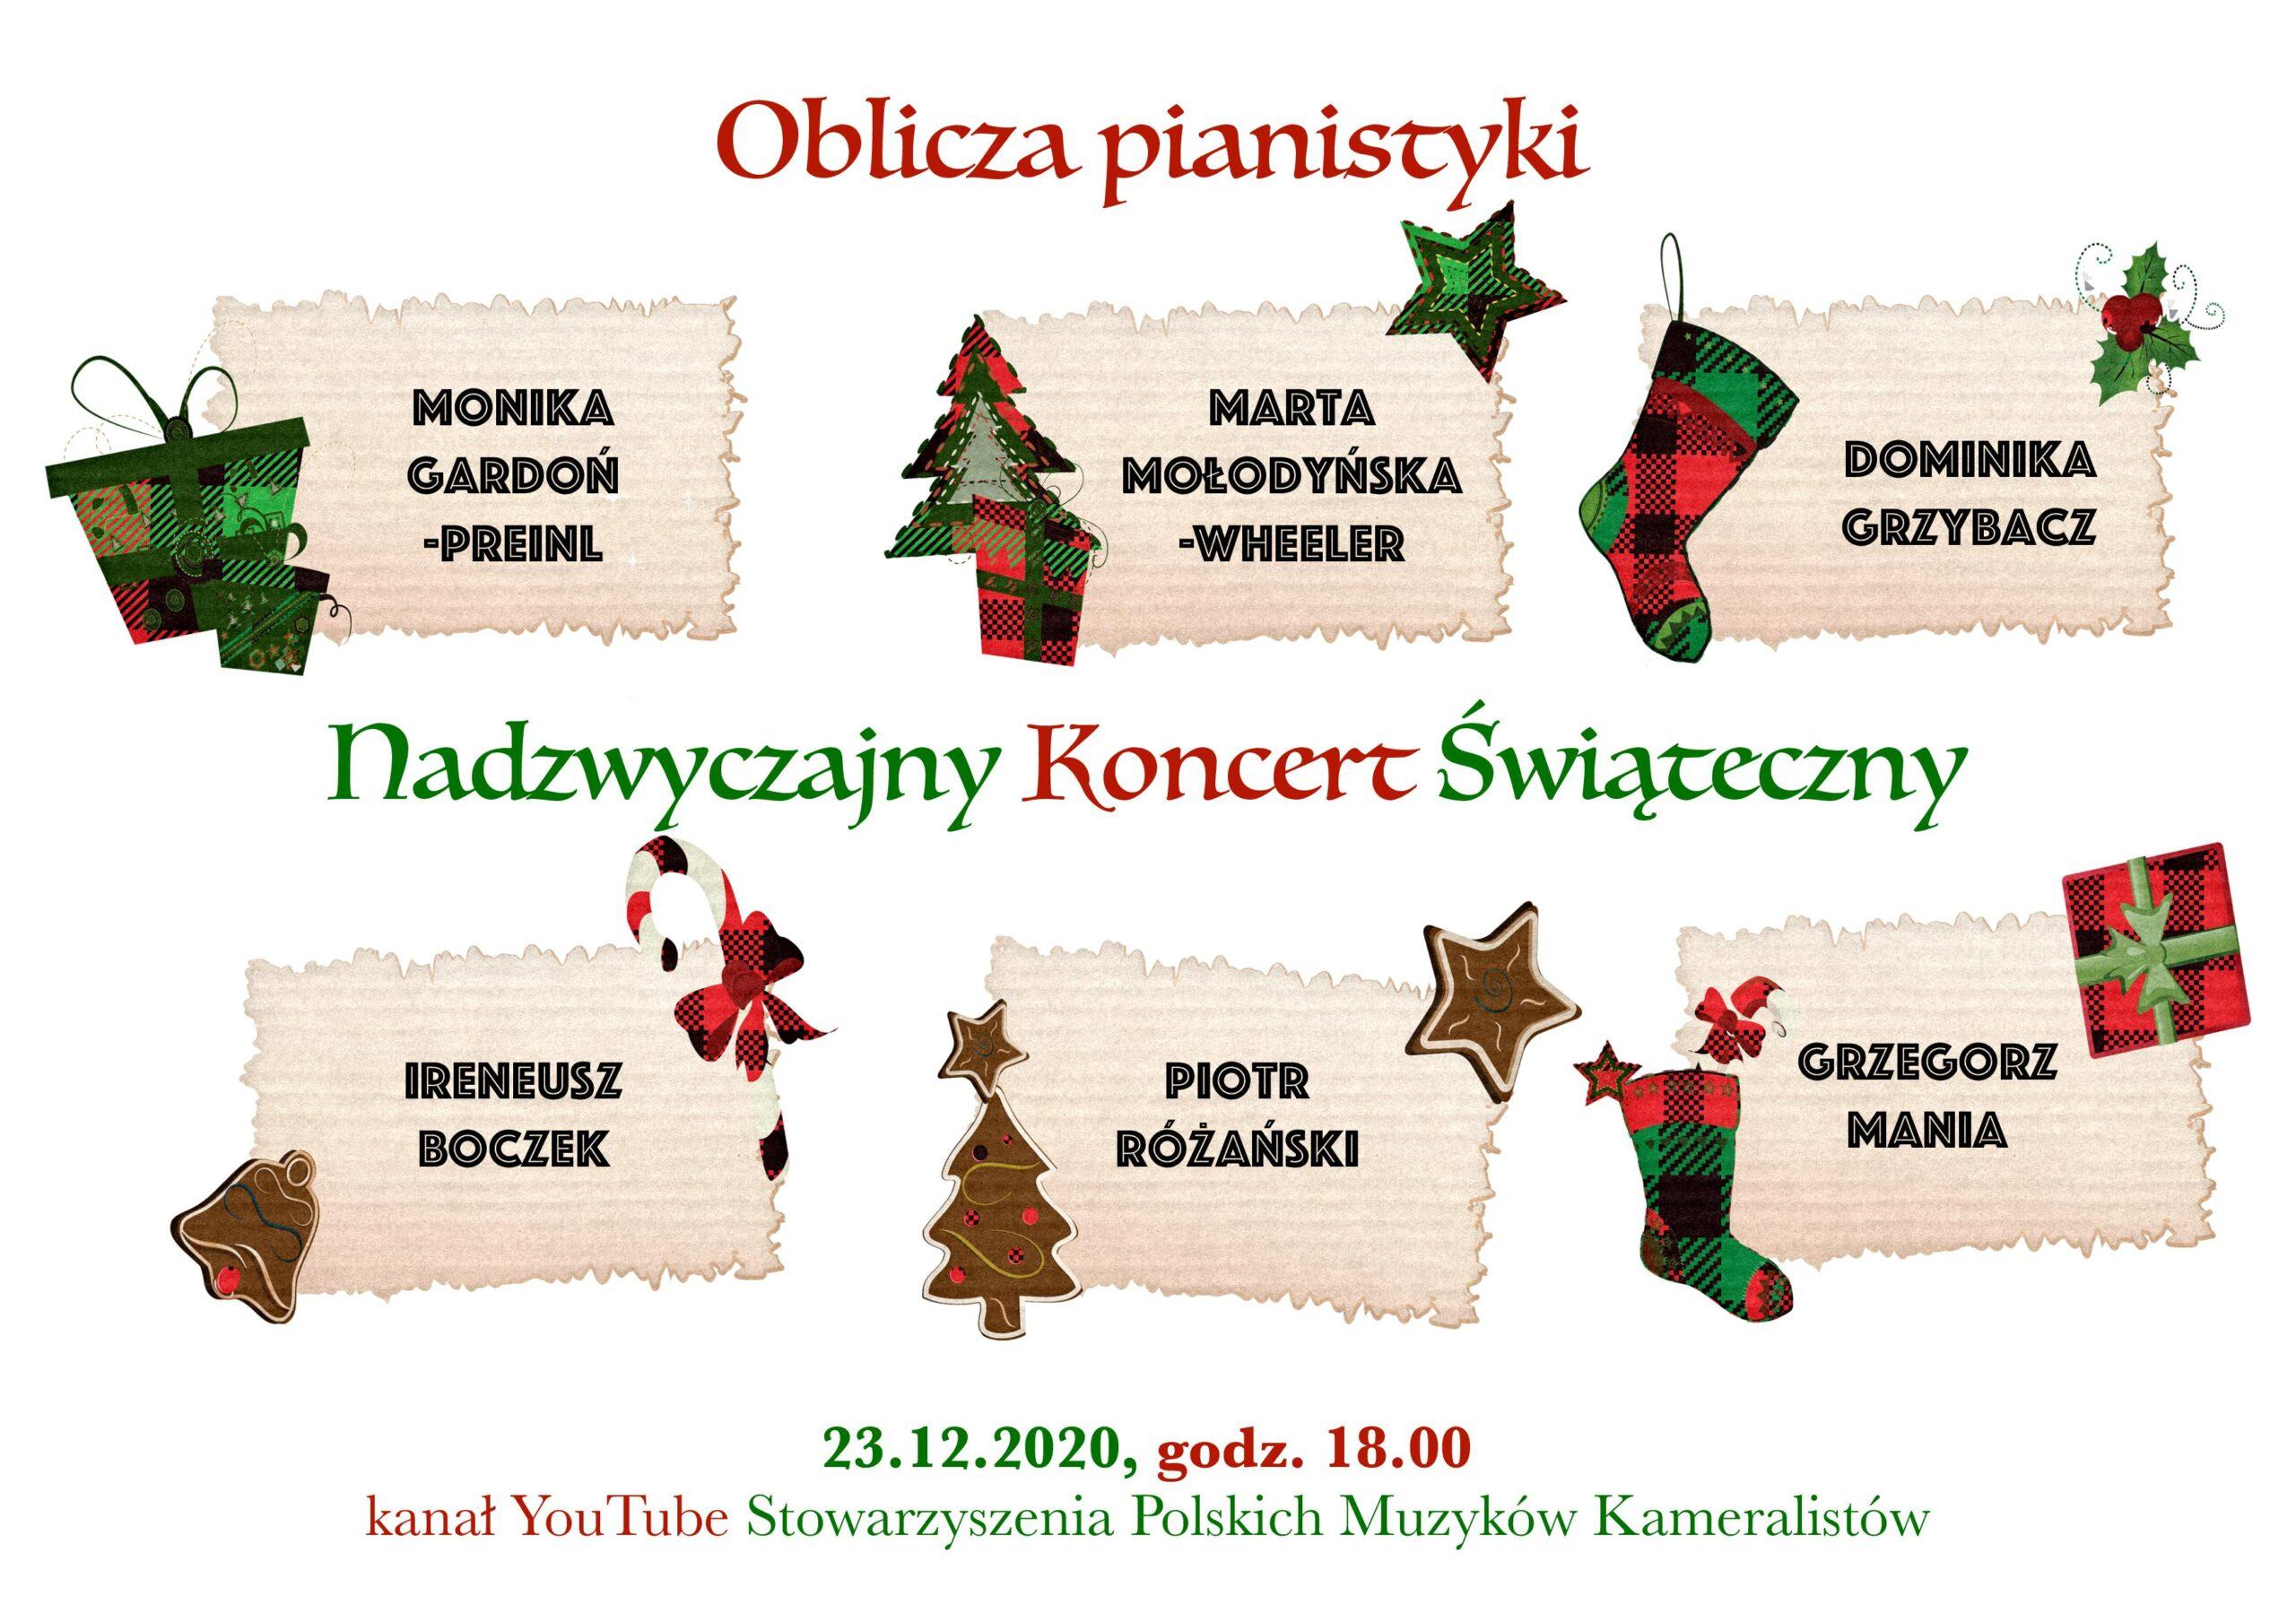 """Nadzwyczajny koncert świąteczny w ramach serii """"Oblicza pianistyki"""""""